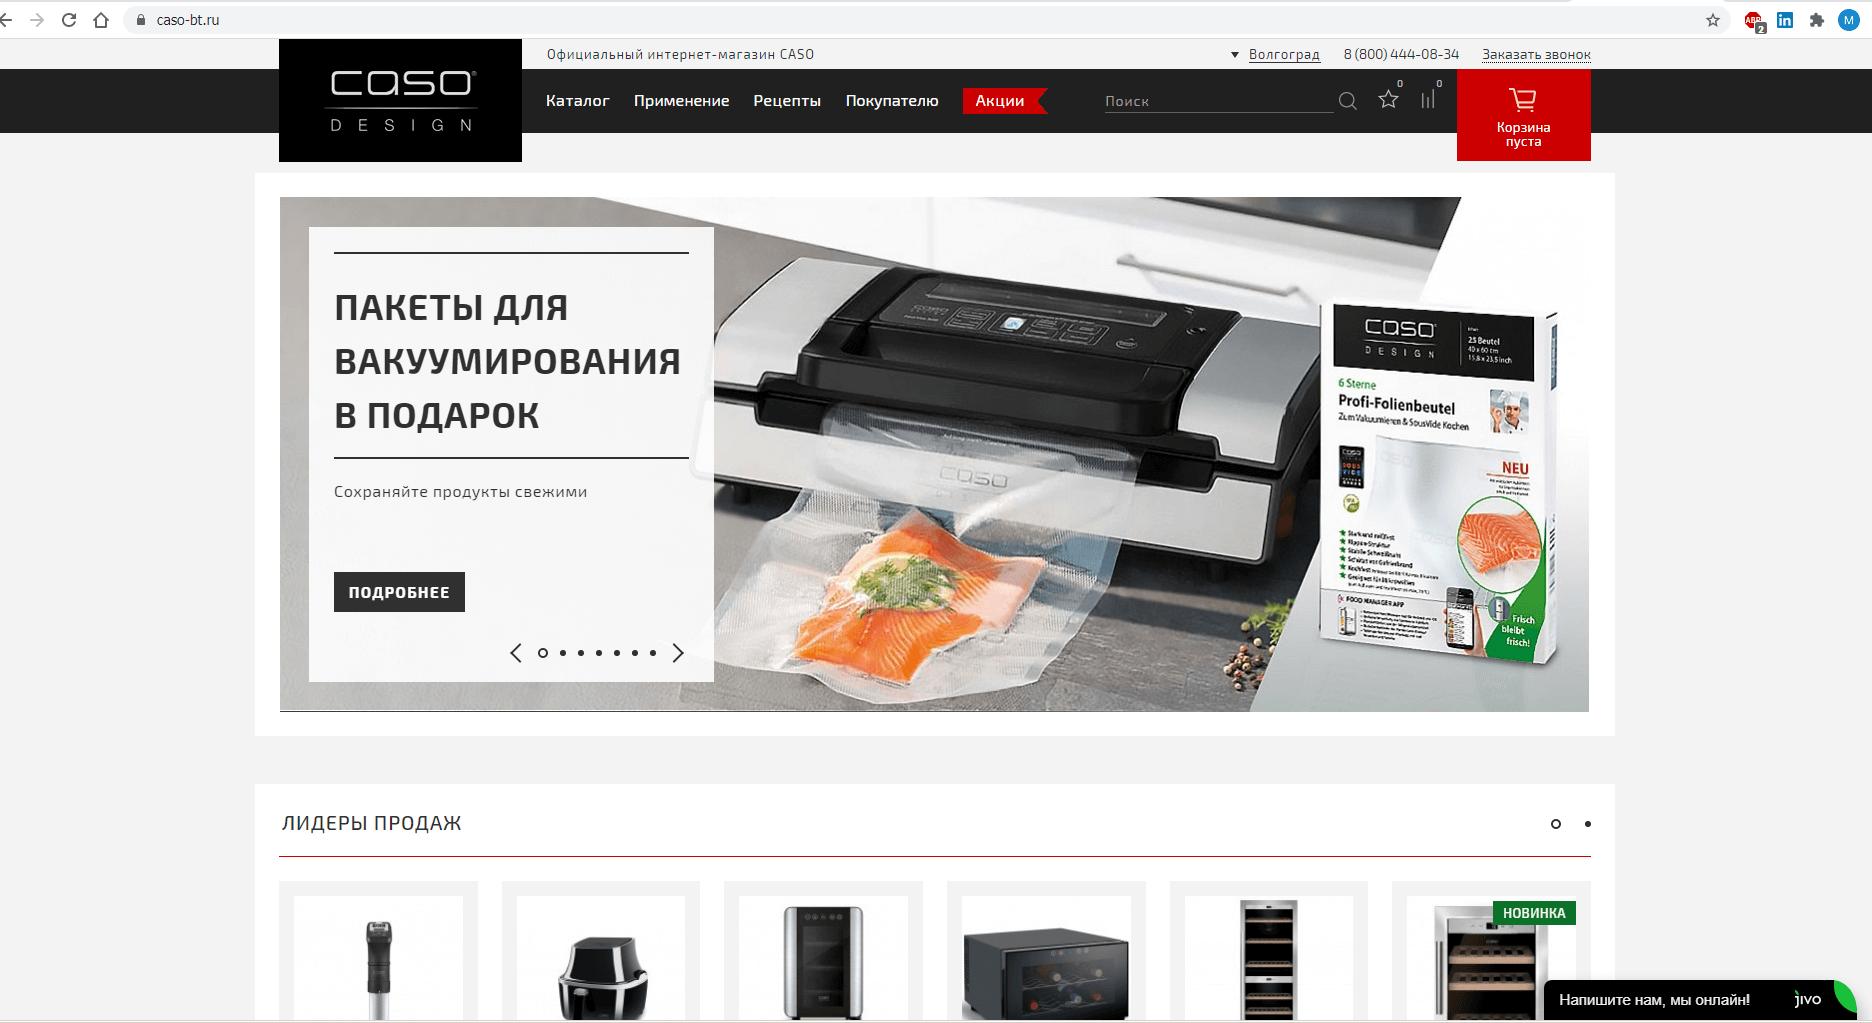 caso-bt.ru website